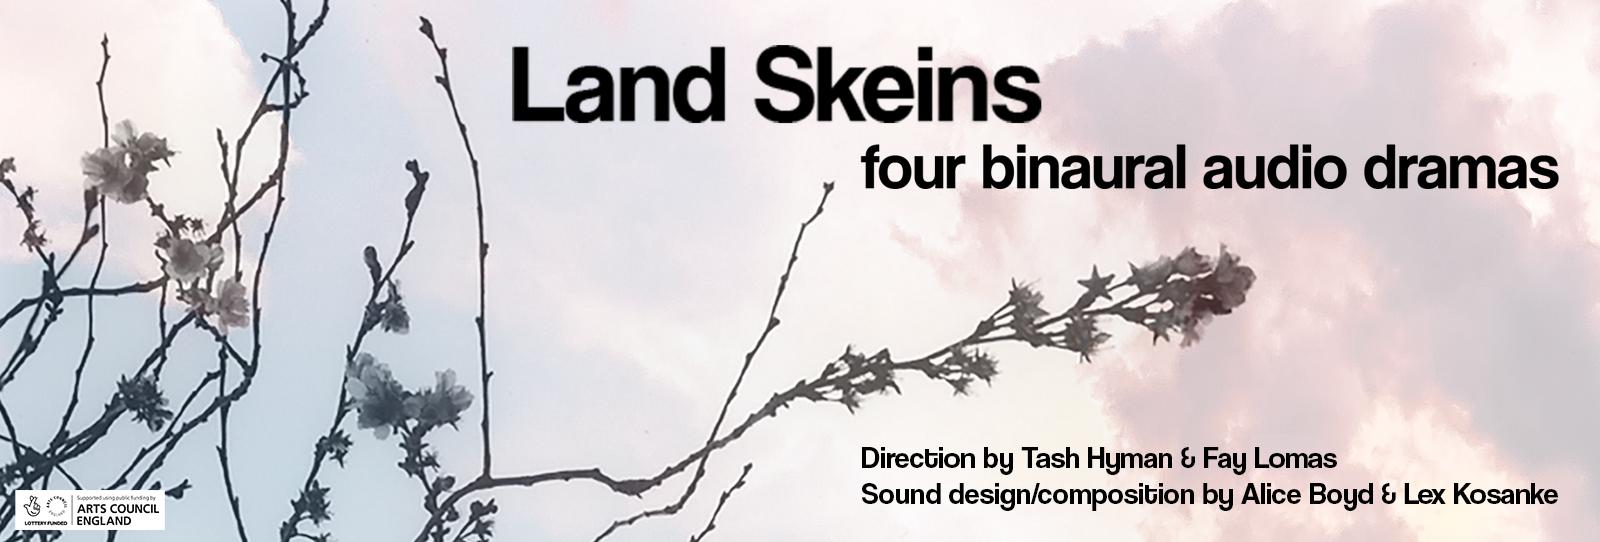 Land Skeins